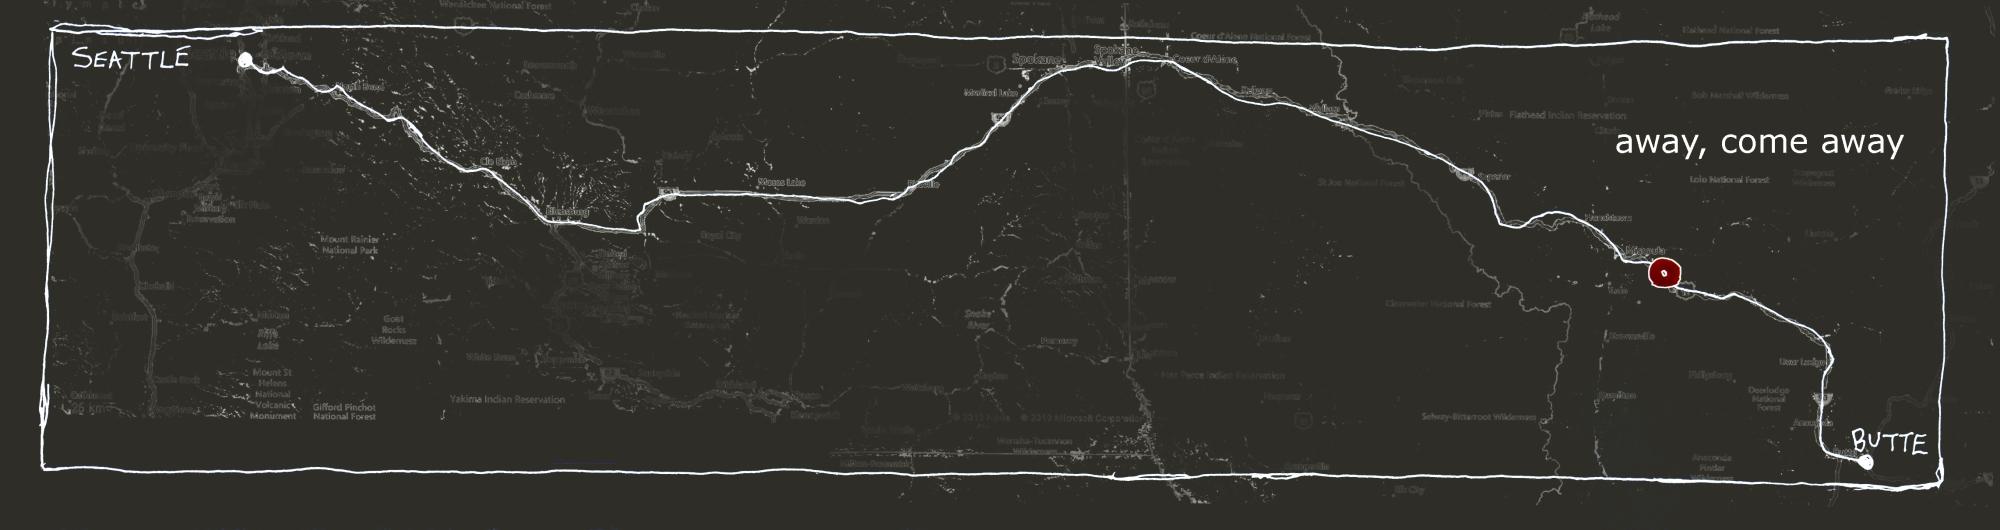 401 map